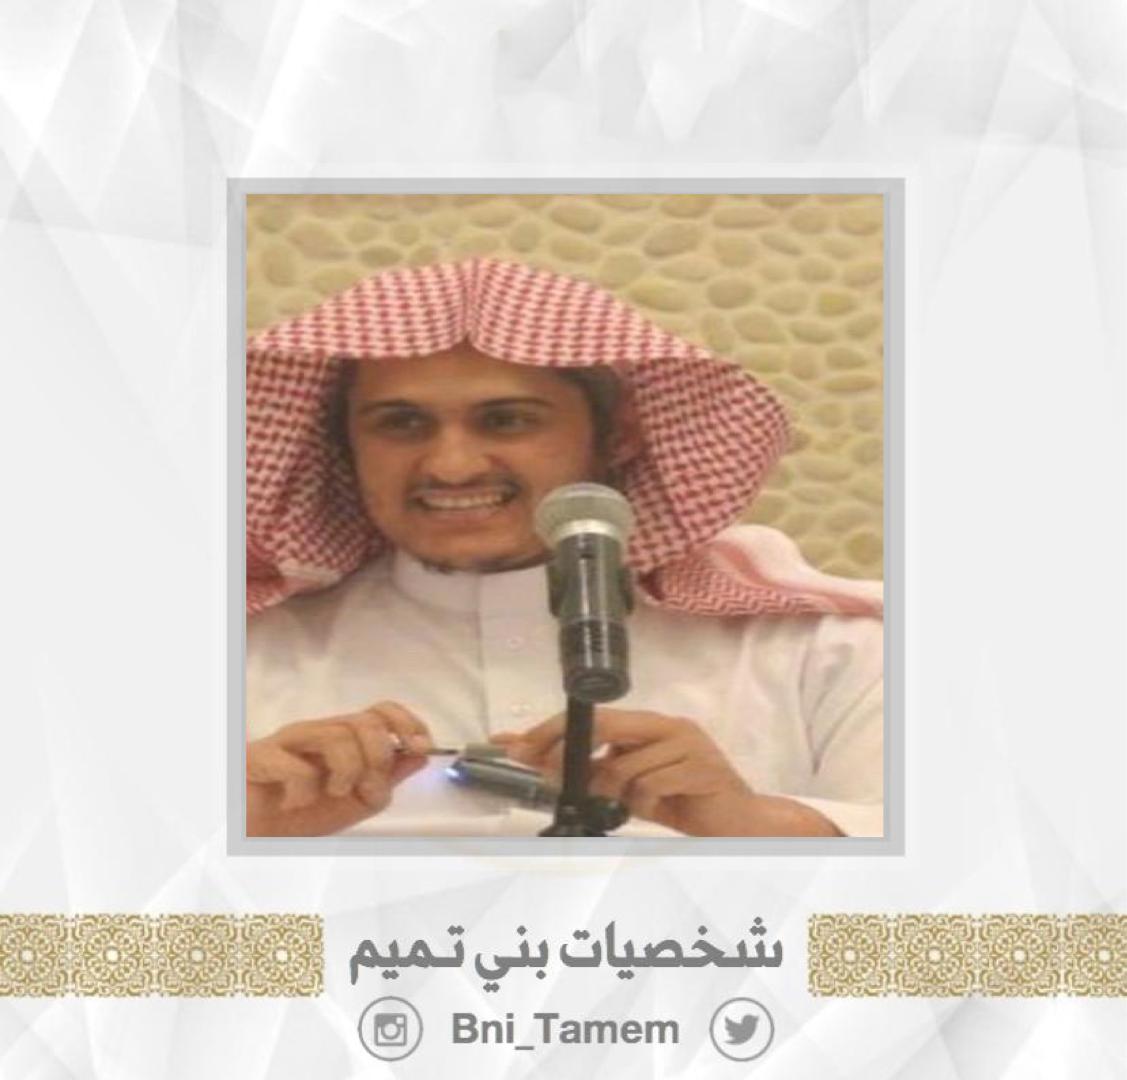 الشيخ / ابراهيم بن عمر السكران